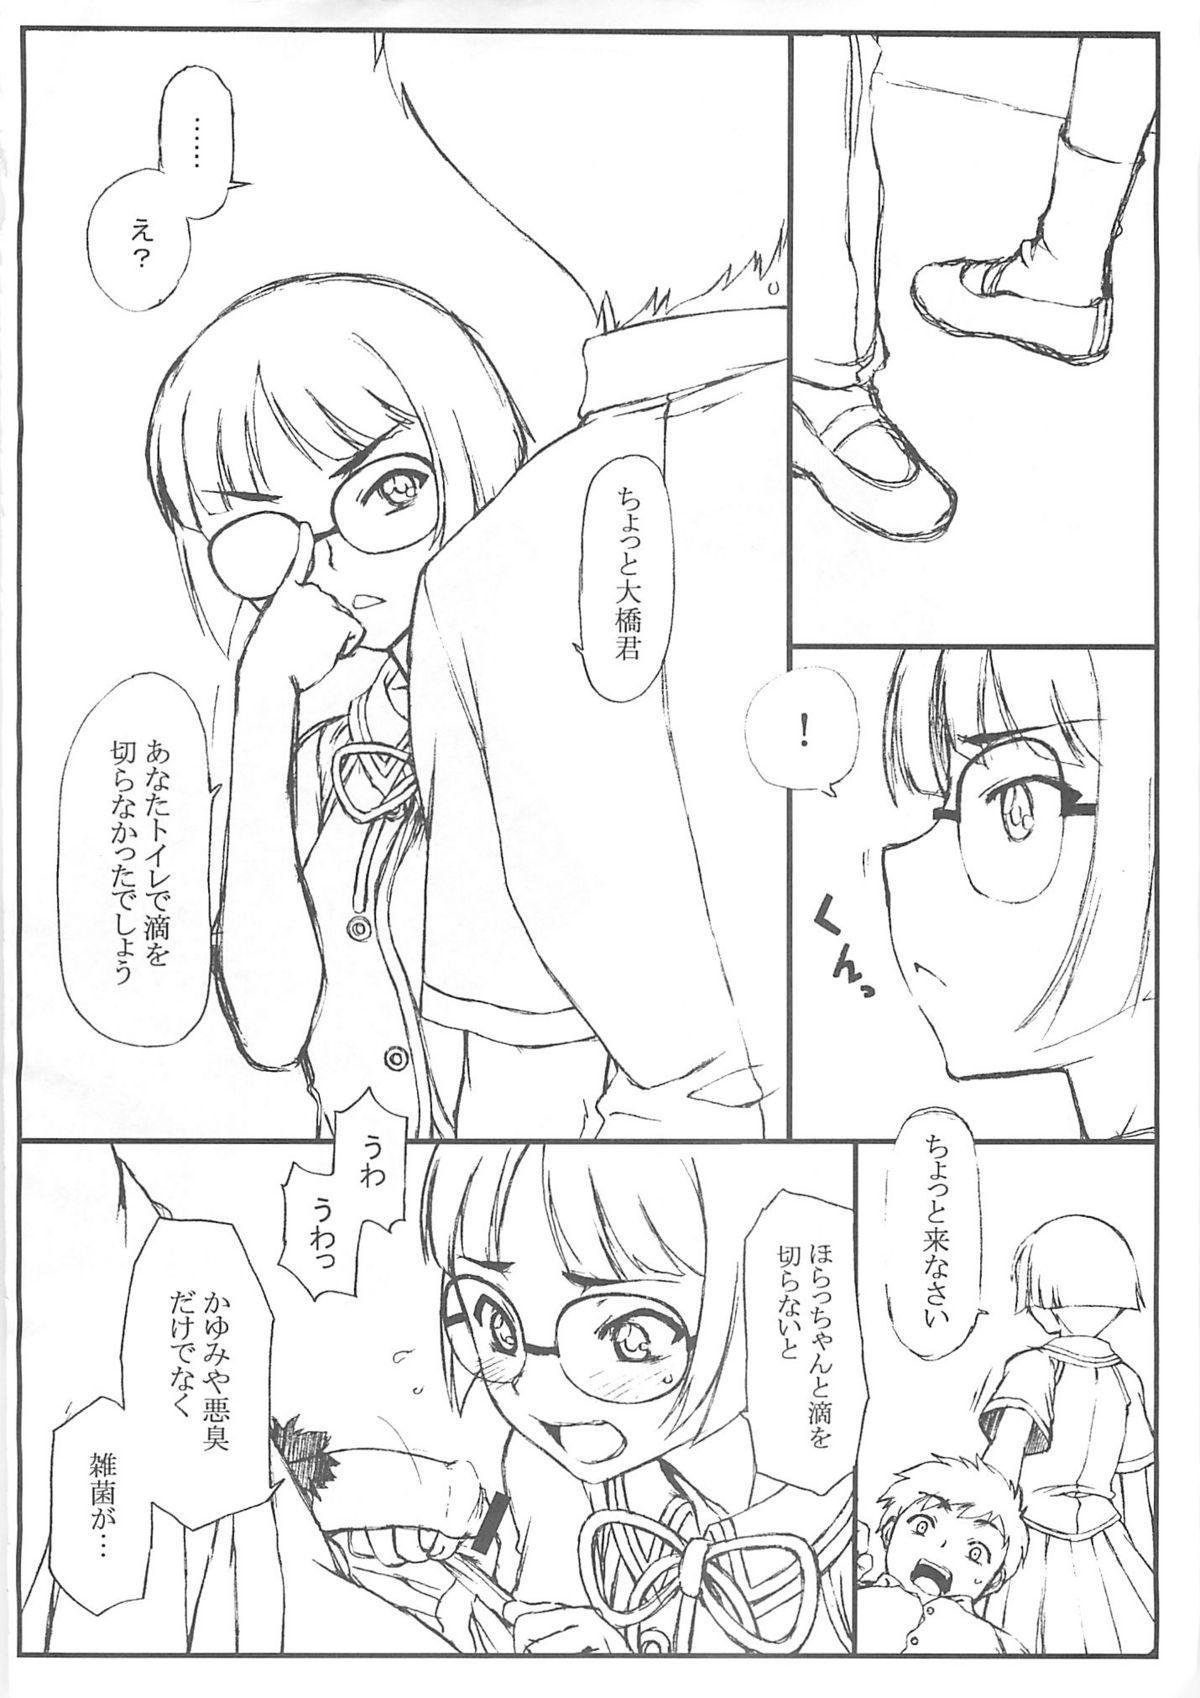 Copy Shi Daioujou. 2